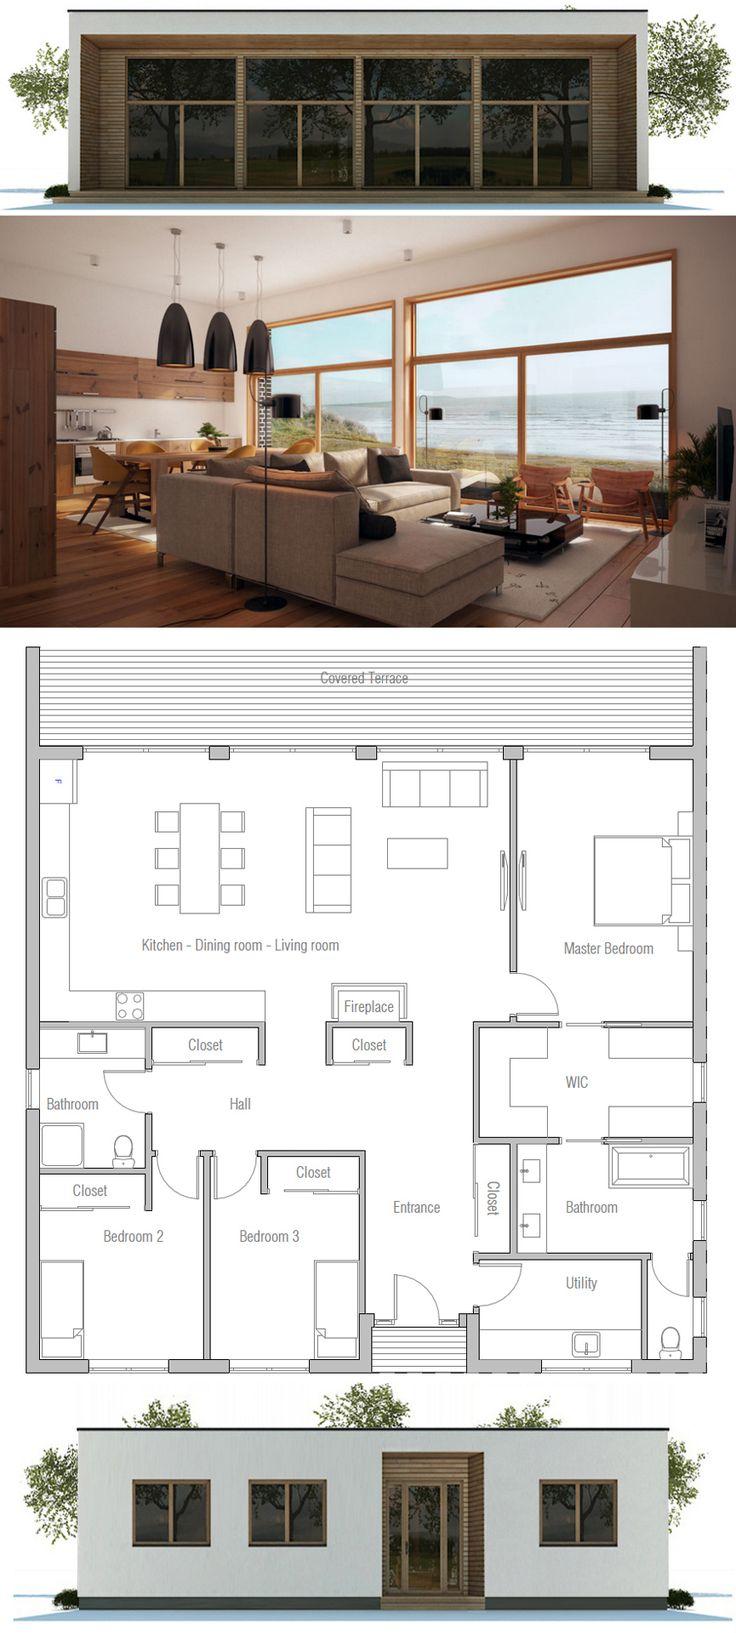 Erdgeschoss haus front design  best home decor images on pinterest  sofa sleeper  bedroom